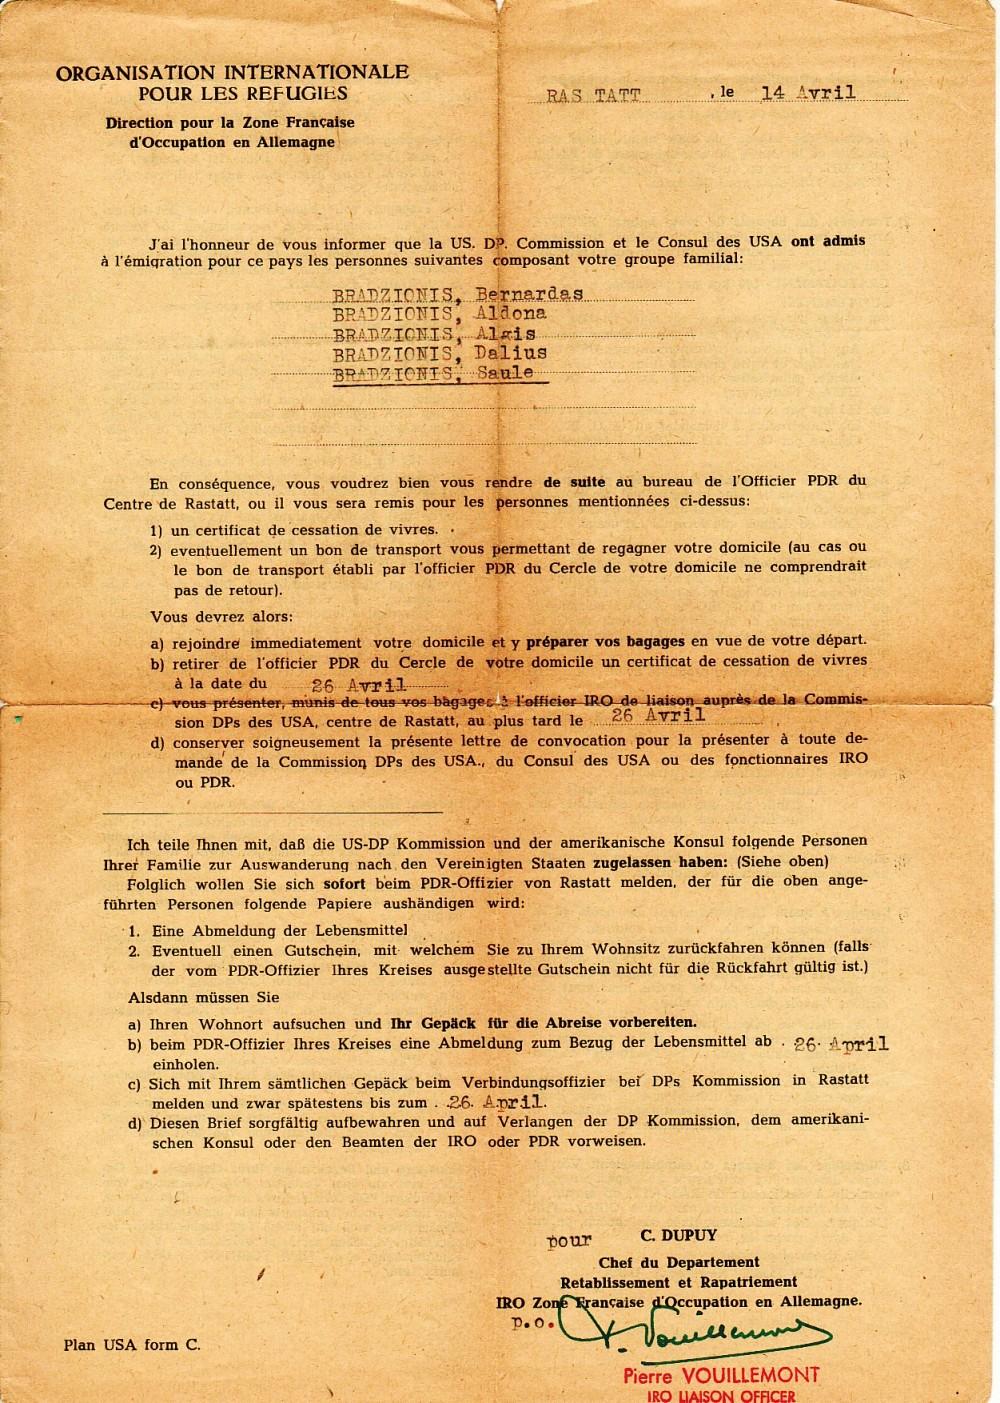 Tarptautinės karo pabėgėlių organizacijos (IRO) 1949 m. balandžio14 d. pranešimas, kad Brazdžionių šeima gali emigruoti